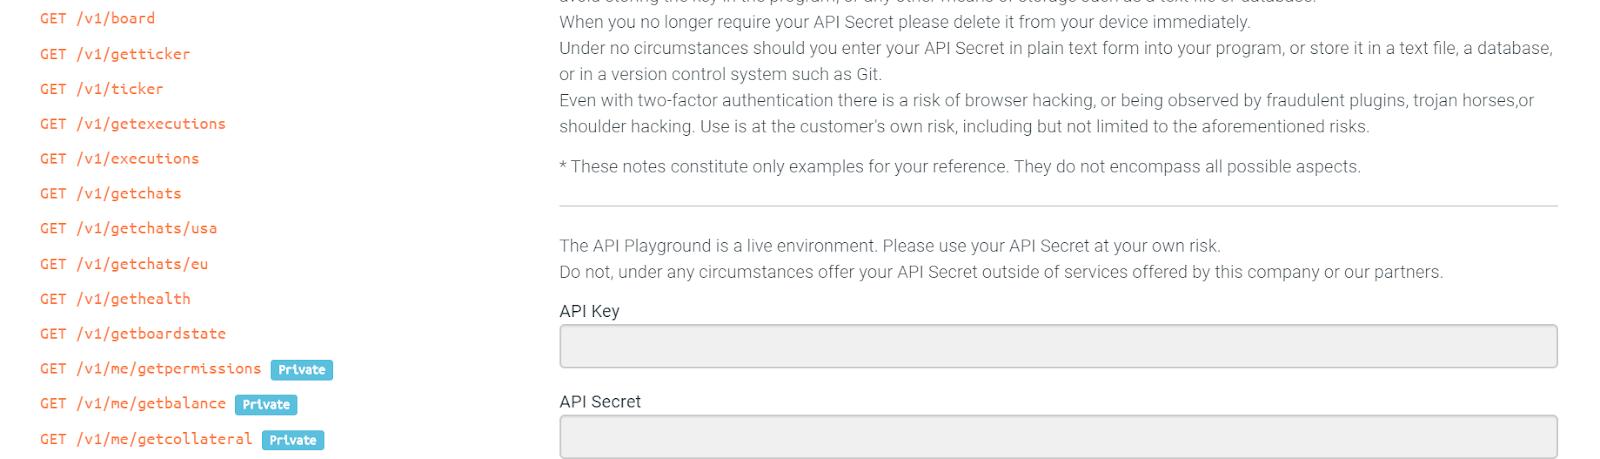 Vision de l'environnement de test API Playground proposé par bitFlyer Lightning